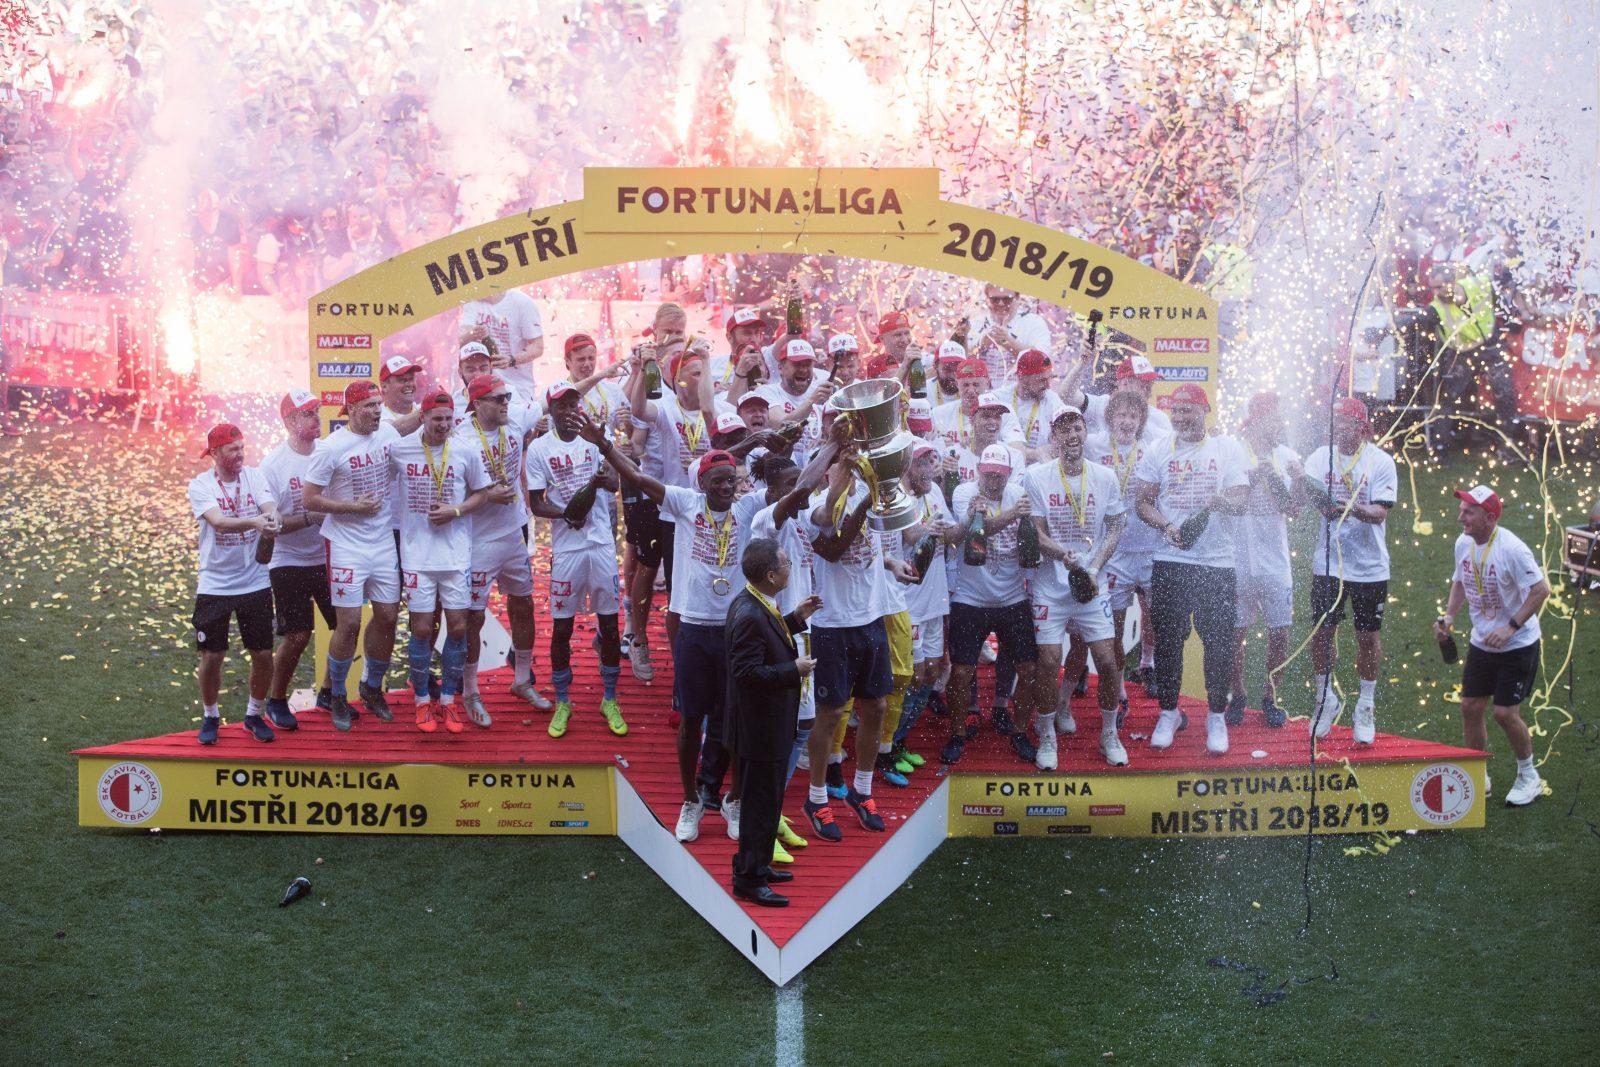 5d46194ec0f64 Manuál ke startu fotbalové ligy: nová pravidla, nejzajímavější přestupy i  tipovačka na vítěze | iROZHLAS - spolehlivé zprávy